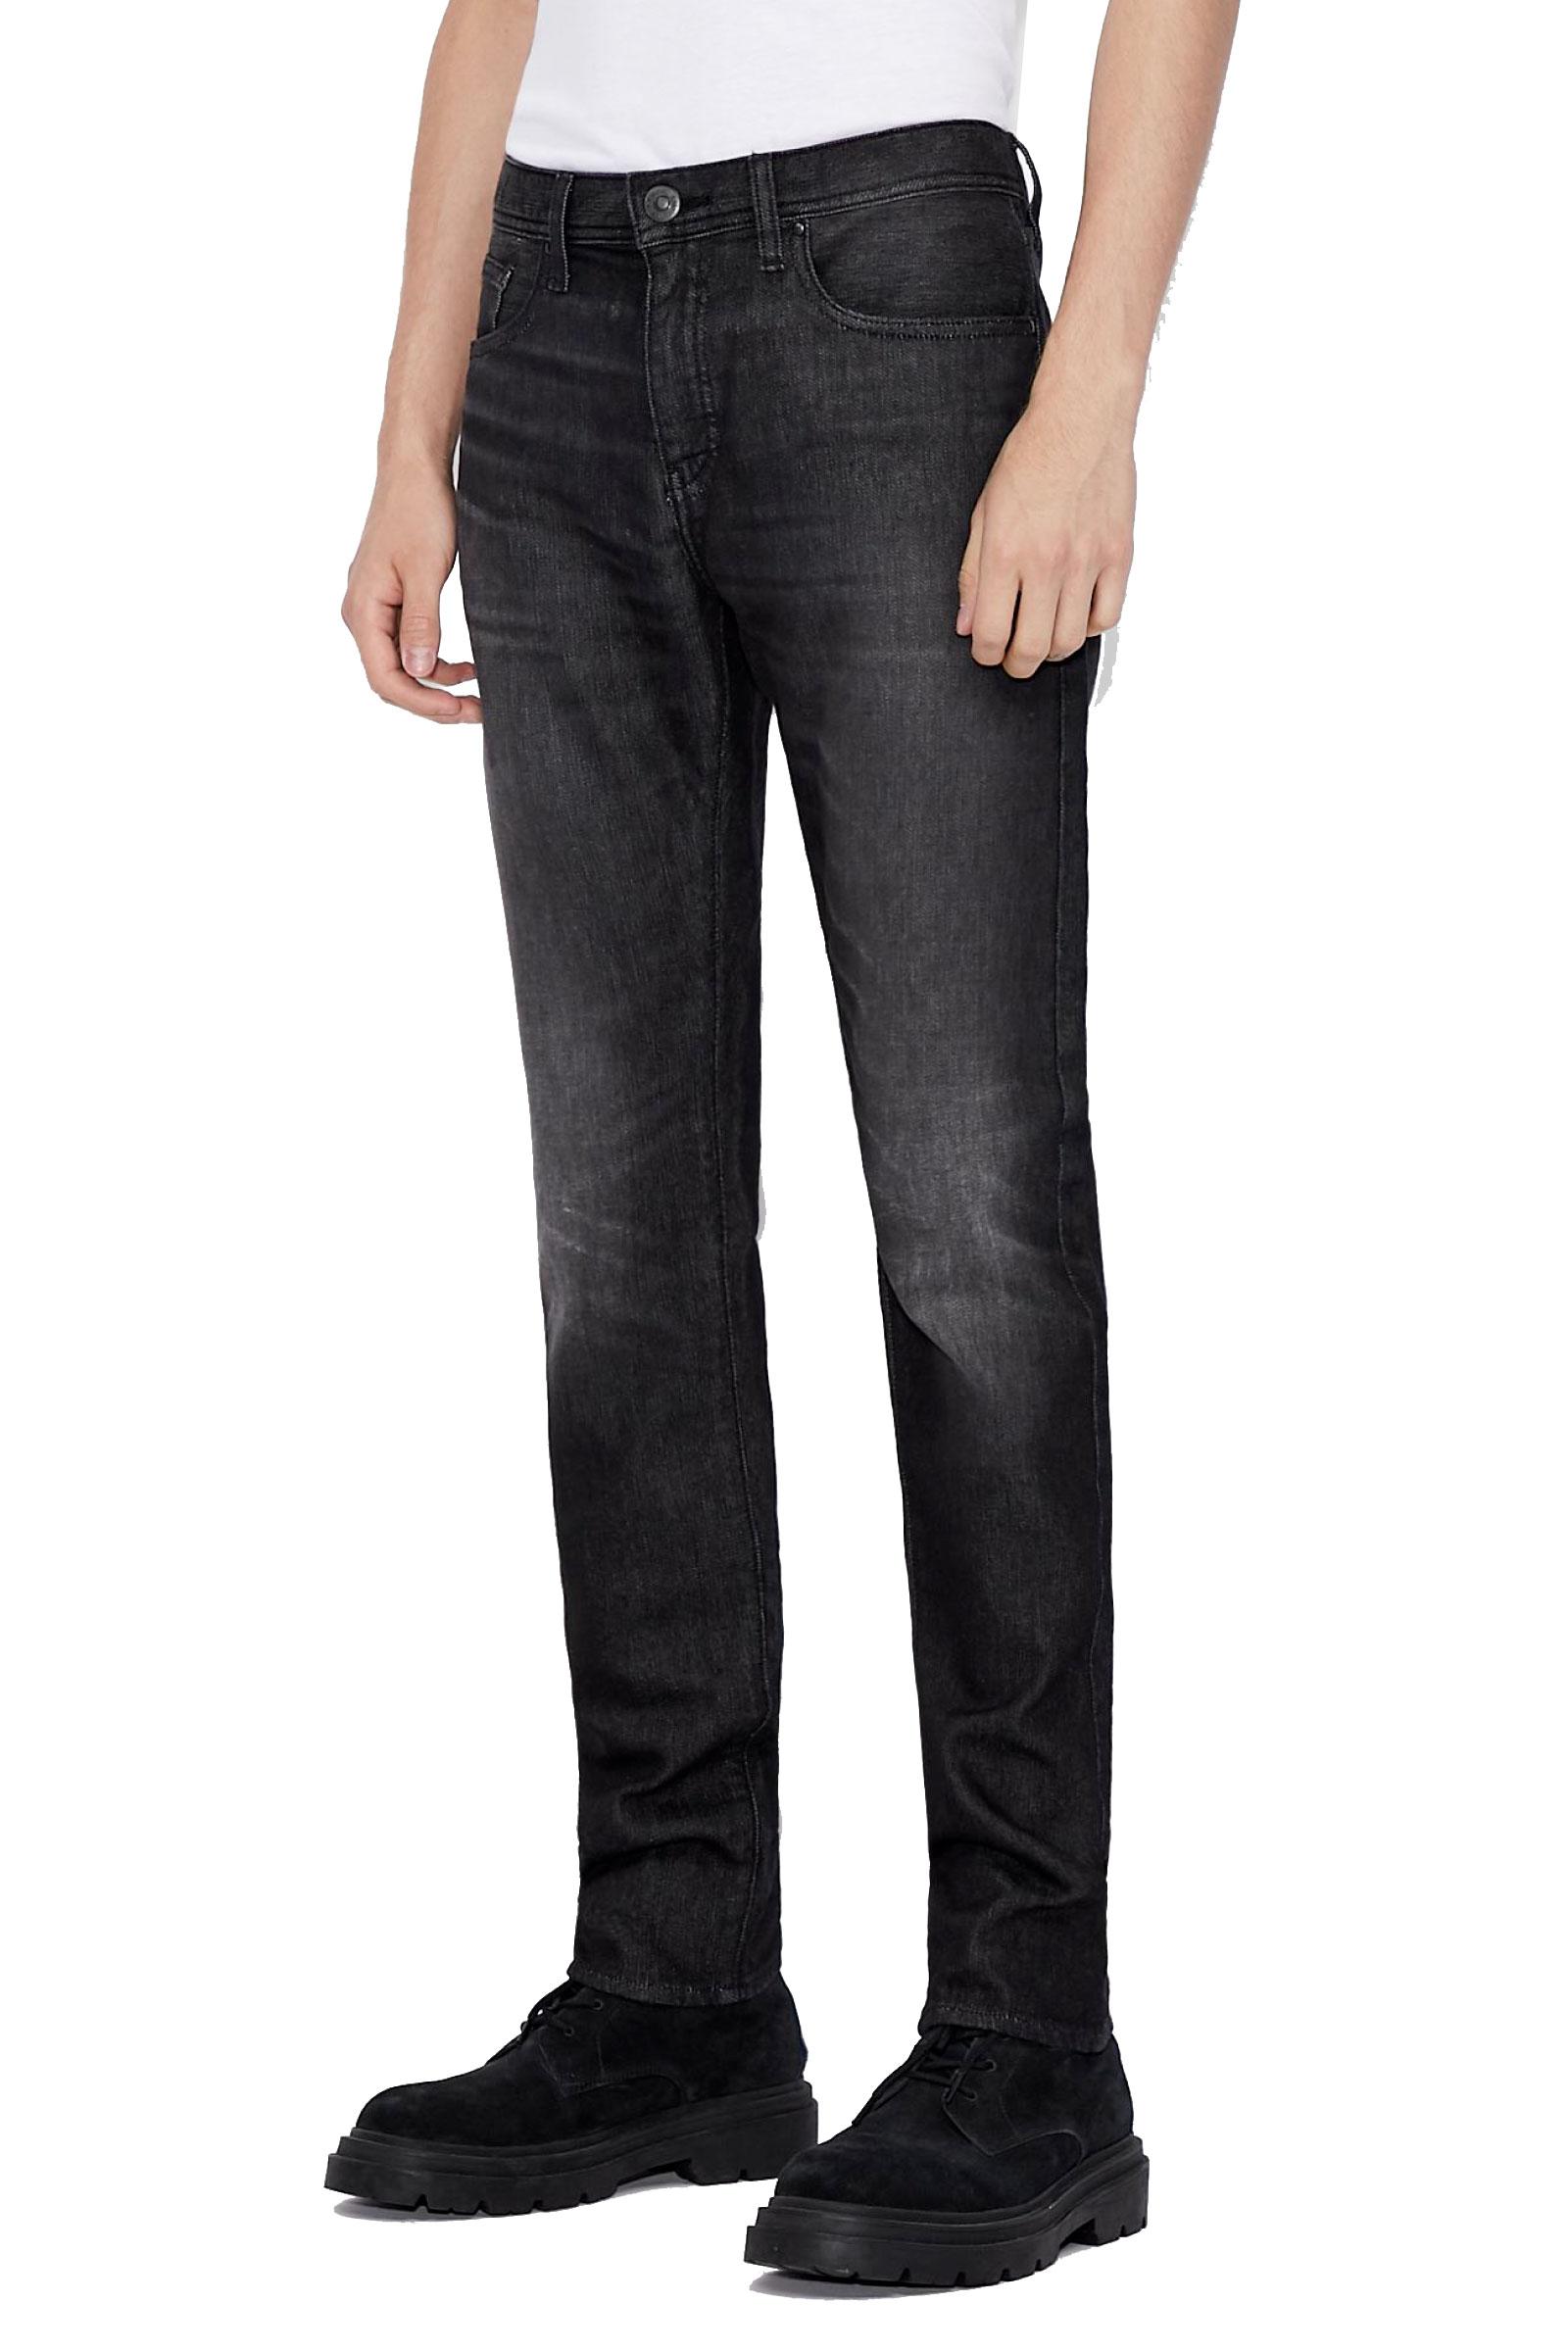 Jeans Uomo ARMANI EXCHANGE | Jeans | 6KZJ14 Z5P6Z0204